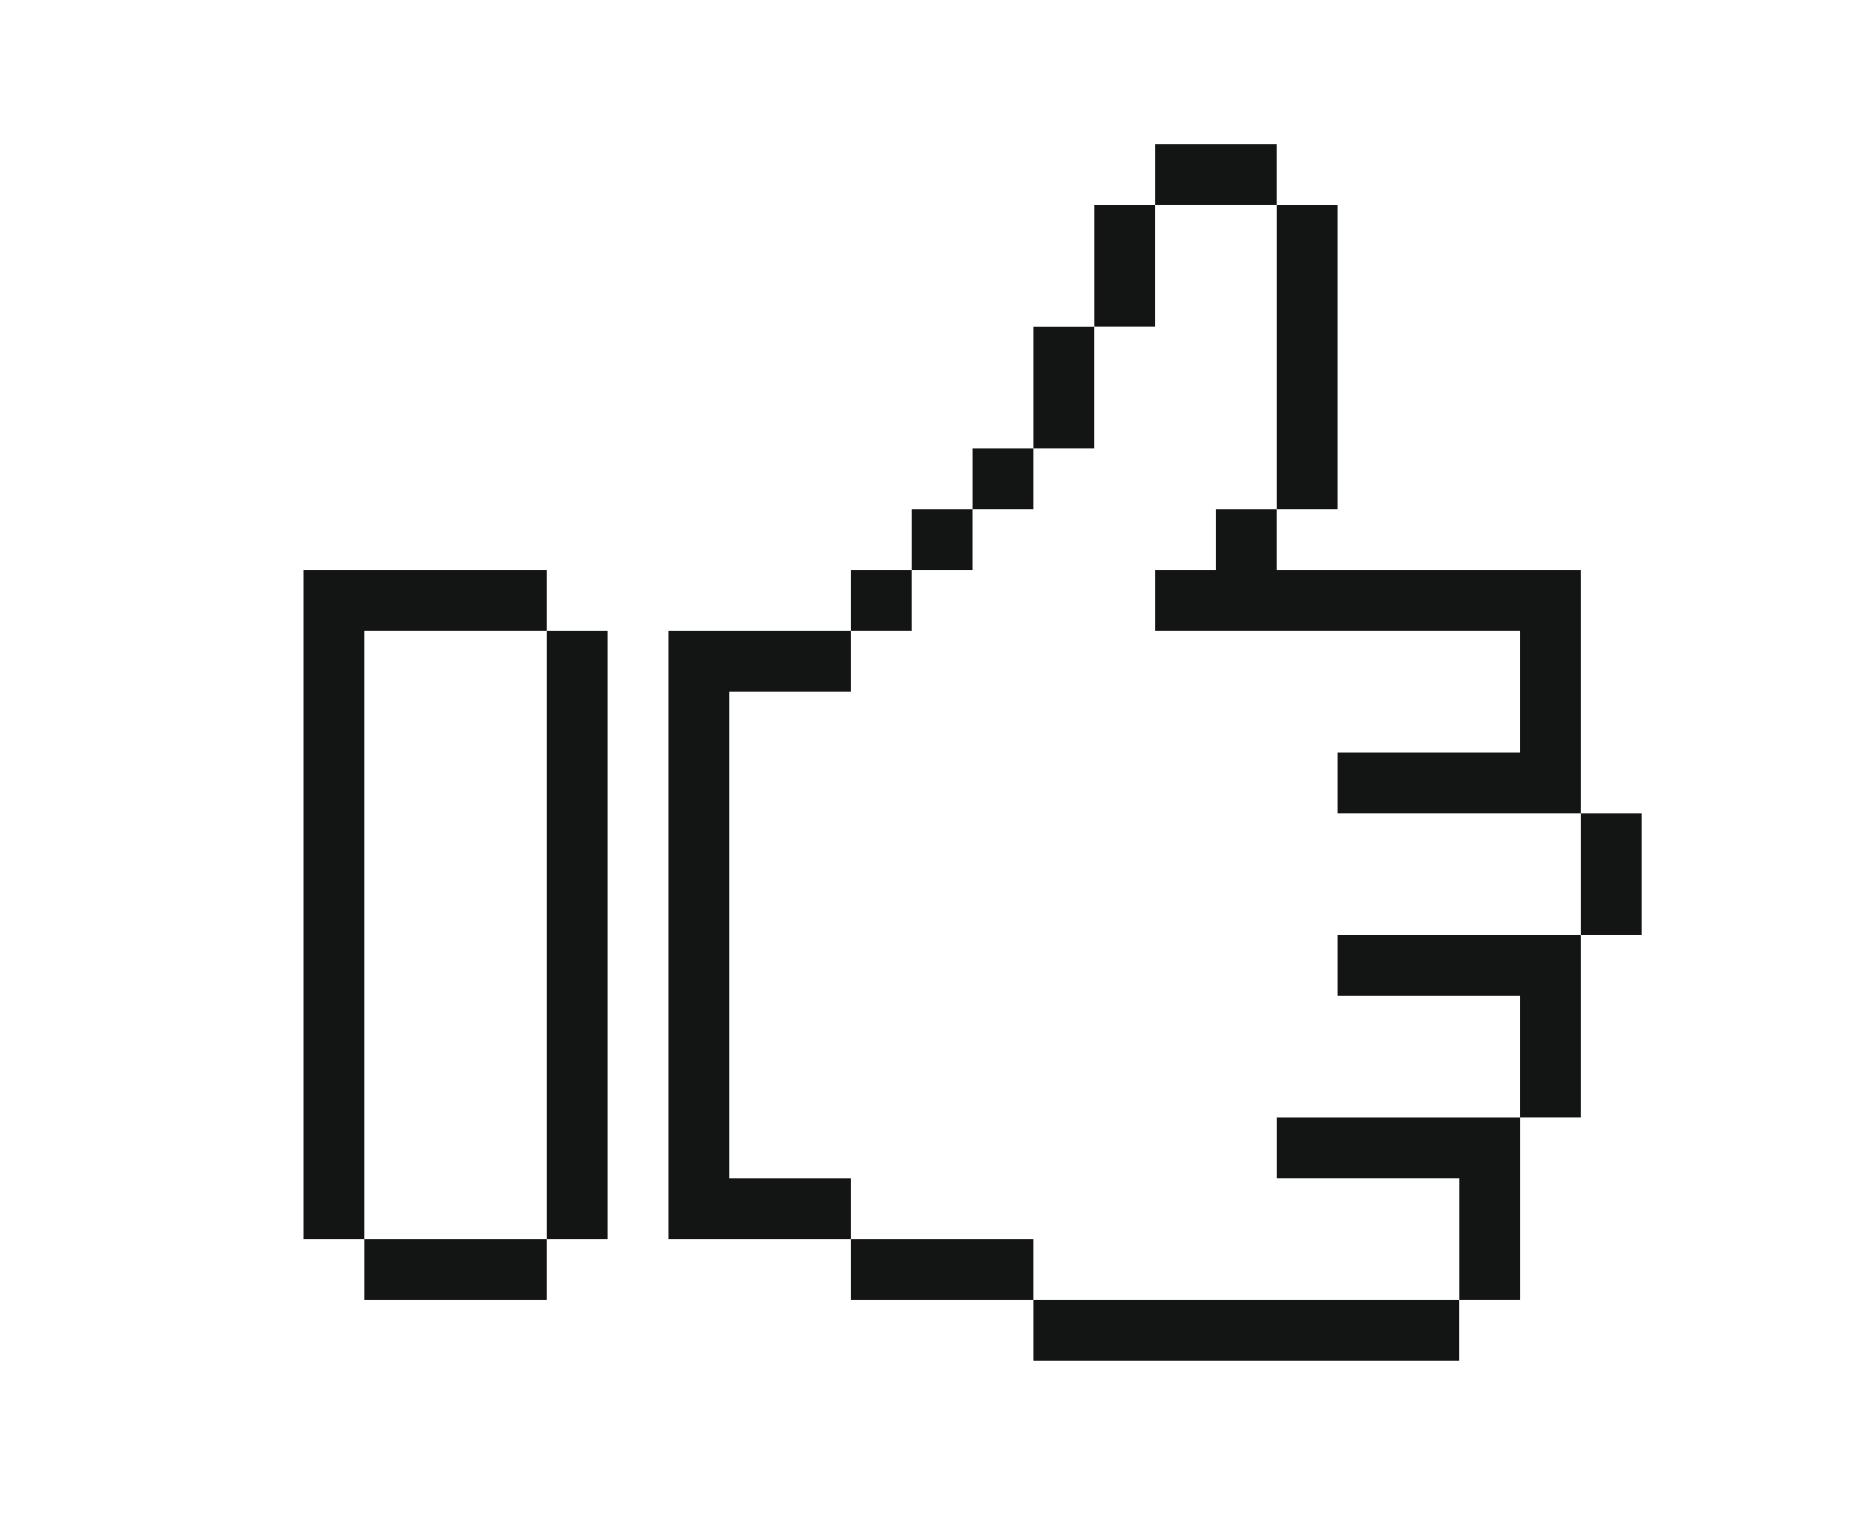 JerkTech Startups Shut Down Or Pivot. Good Riddance